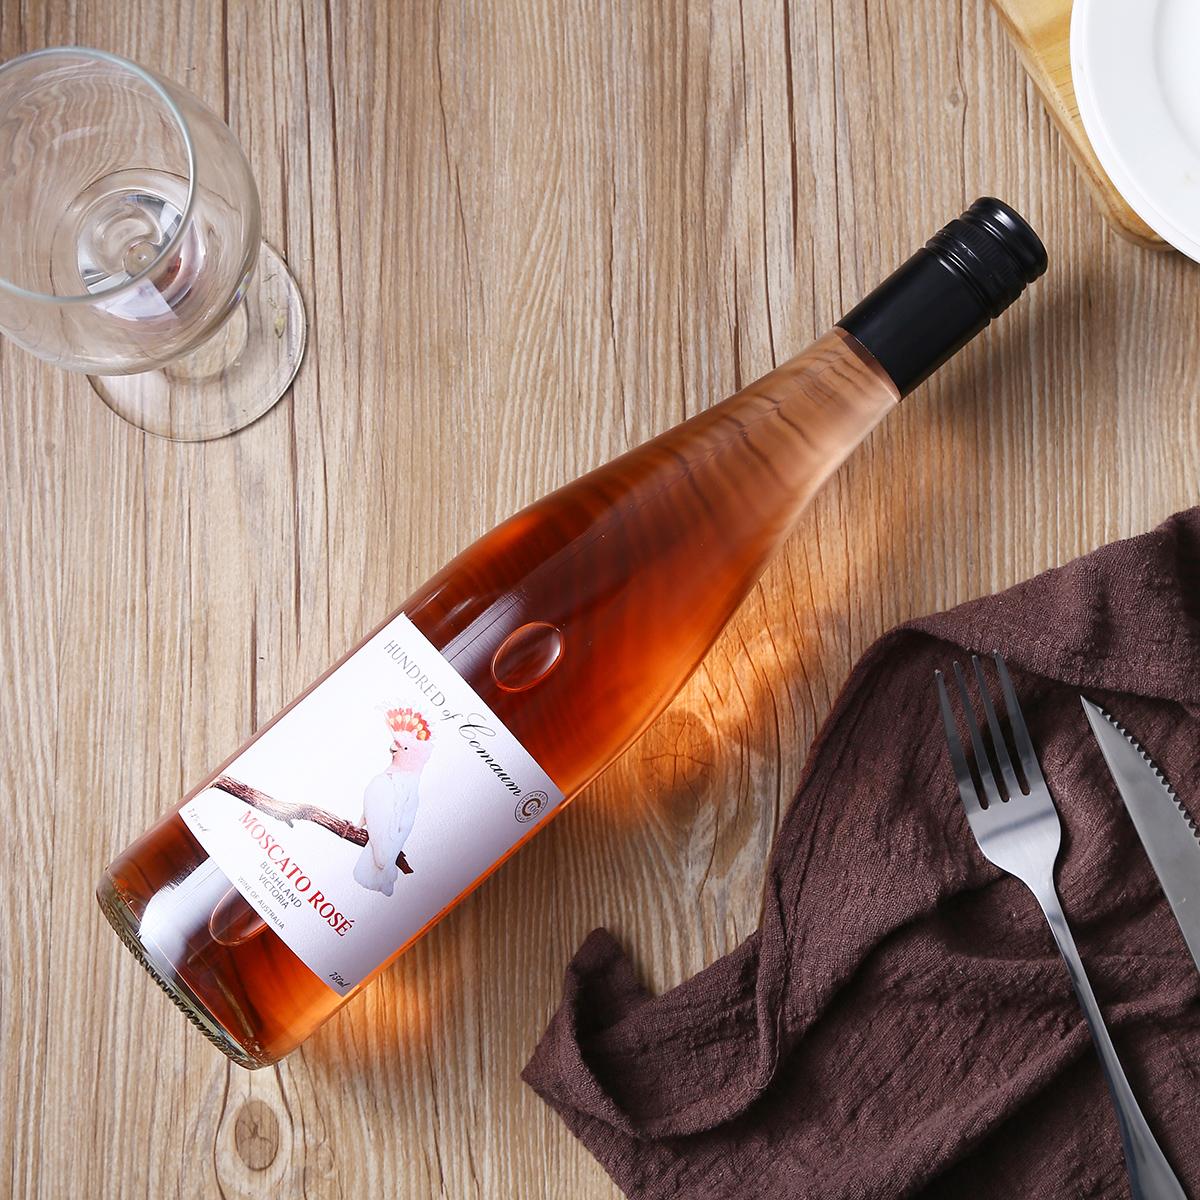 澳大利亚古口一百号酒业集团丛林系列 莫斯卡托粉红玫瑰